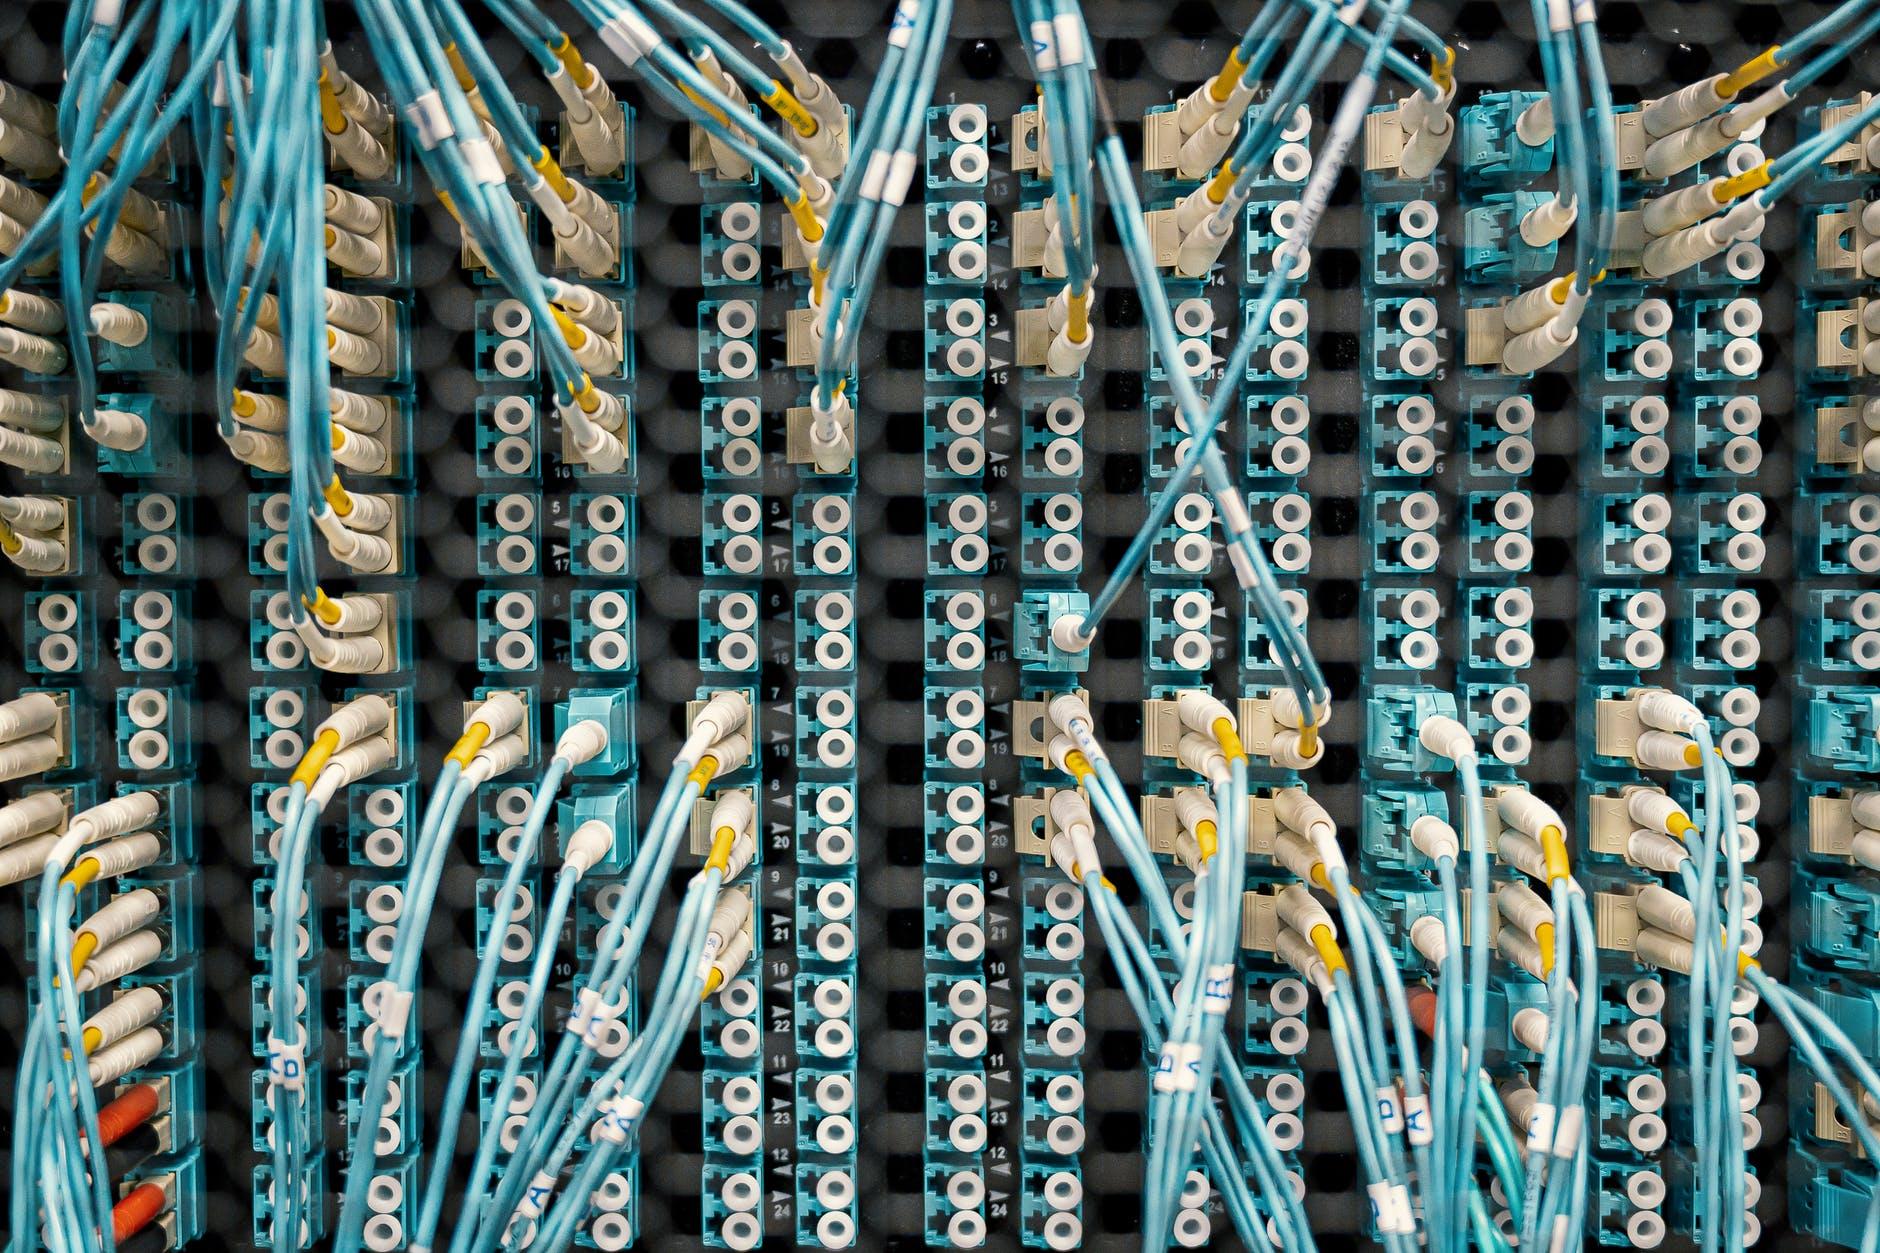 fibre internet cables